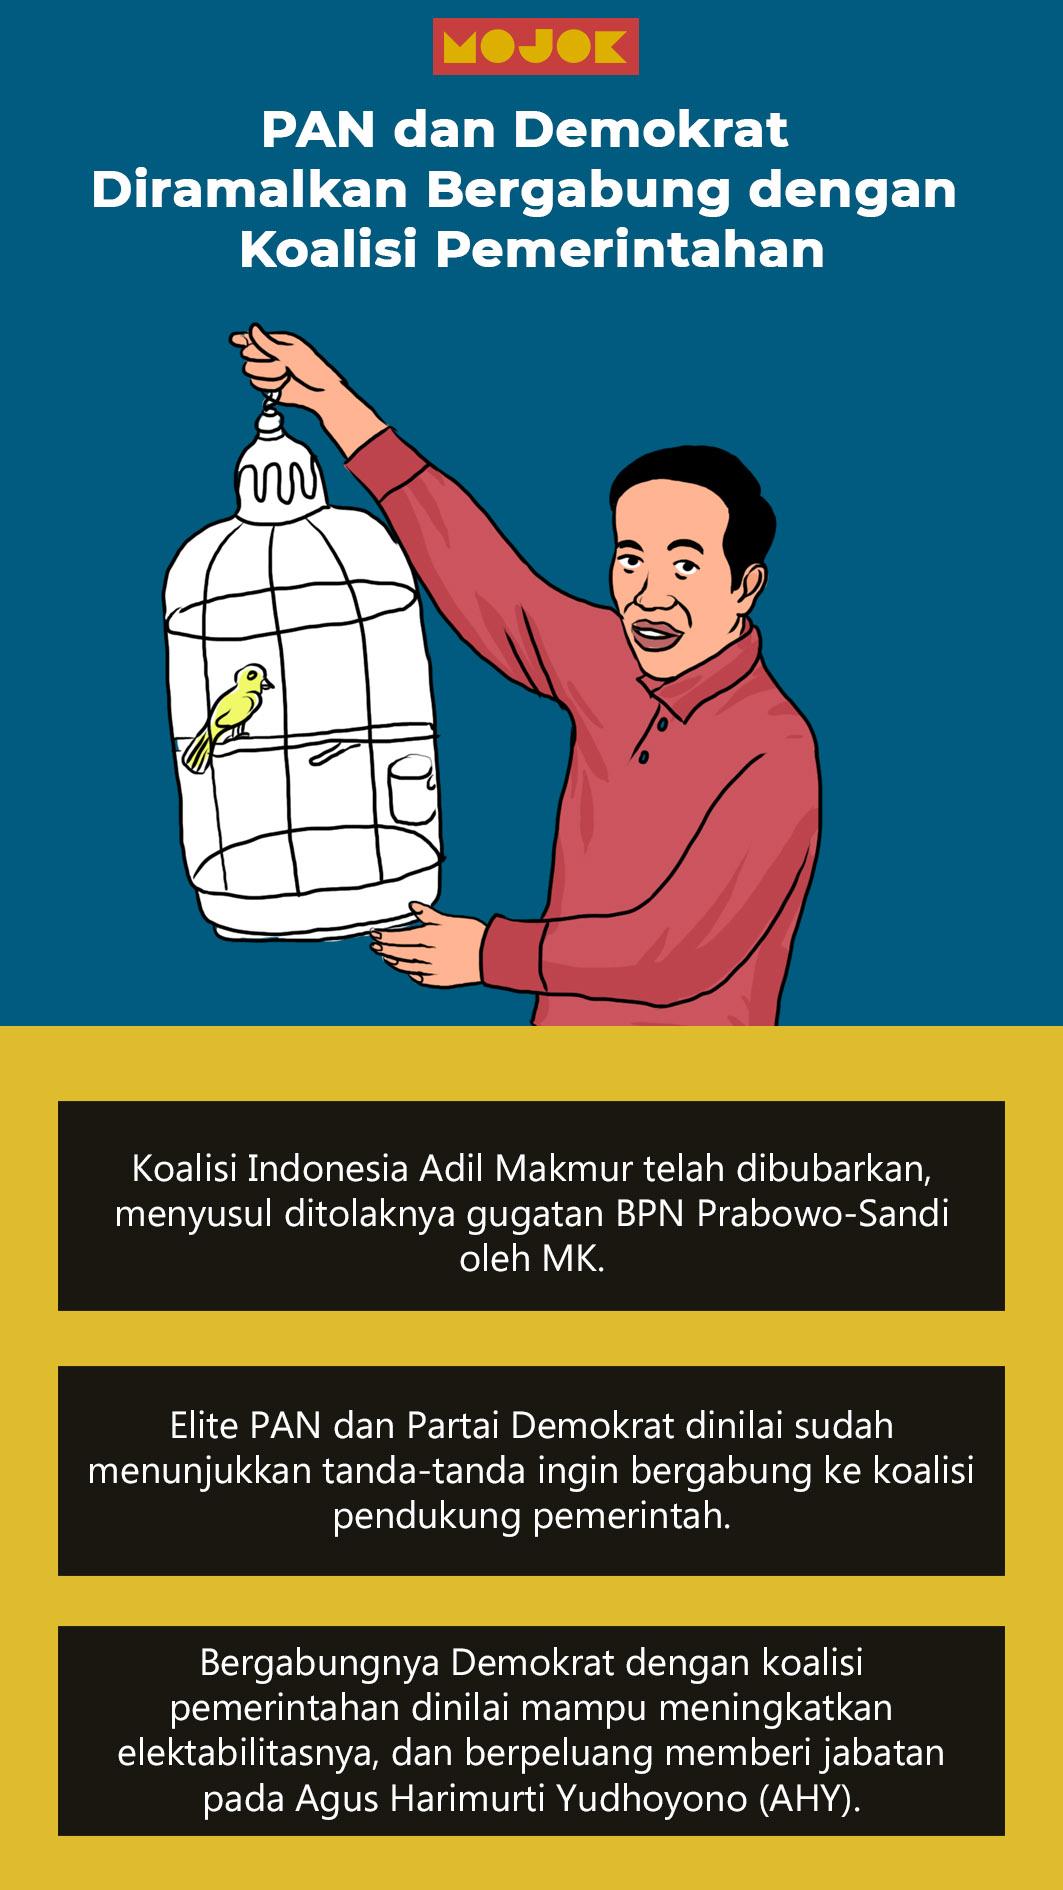 PAN DAN DEMOKRAT